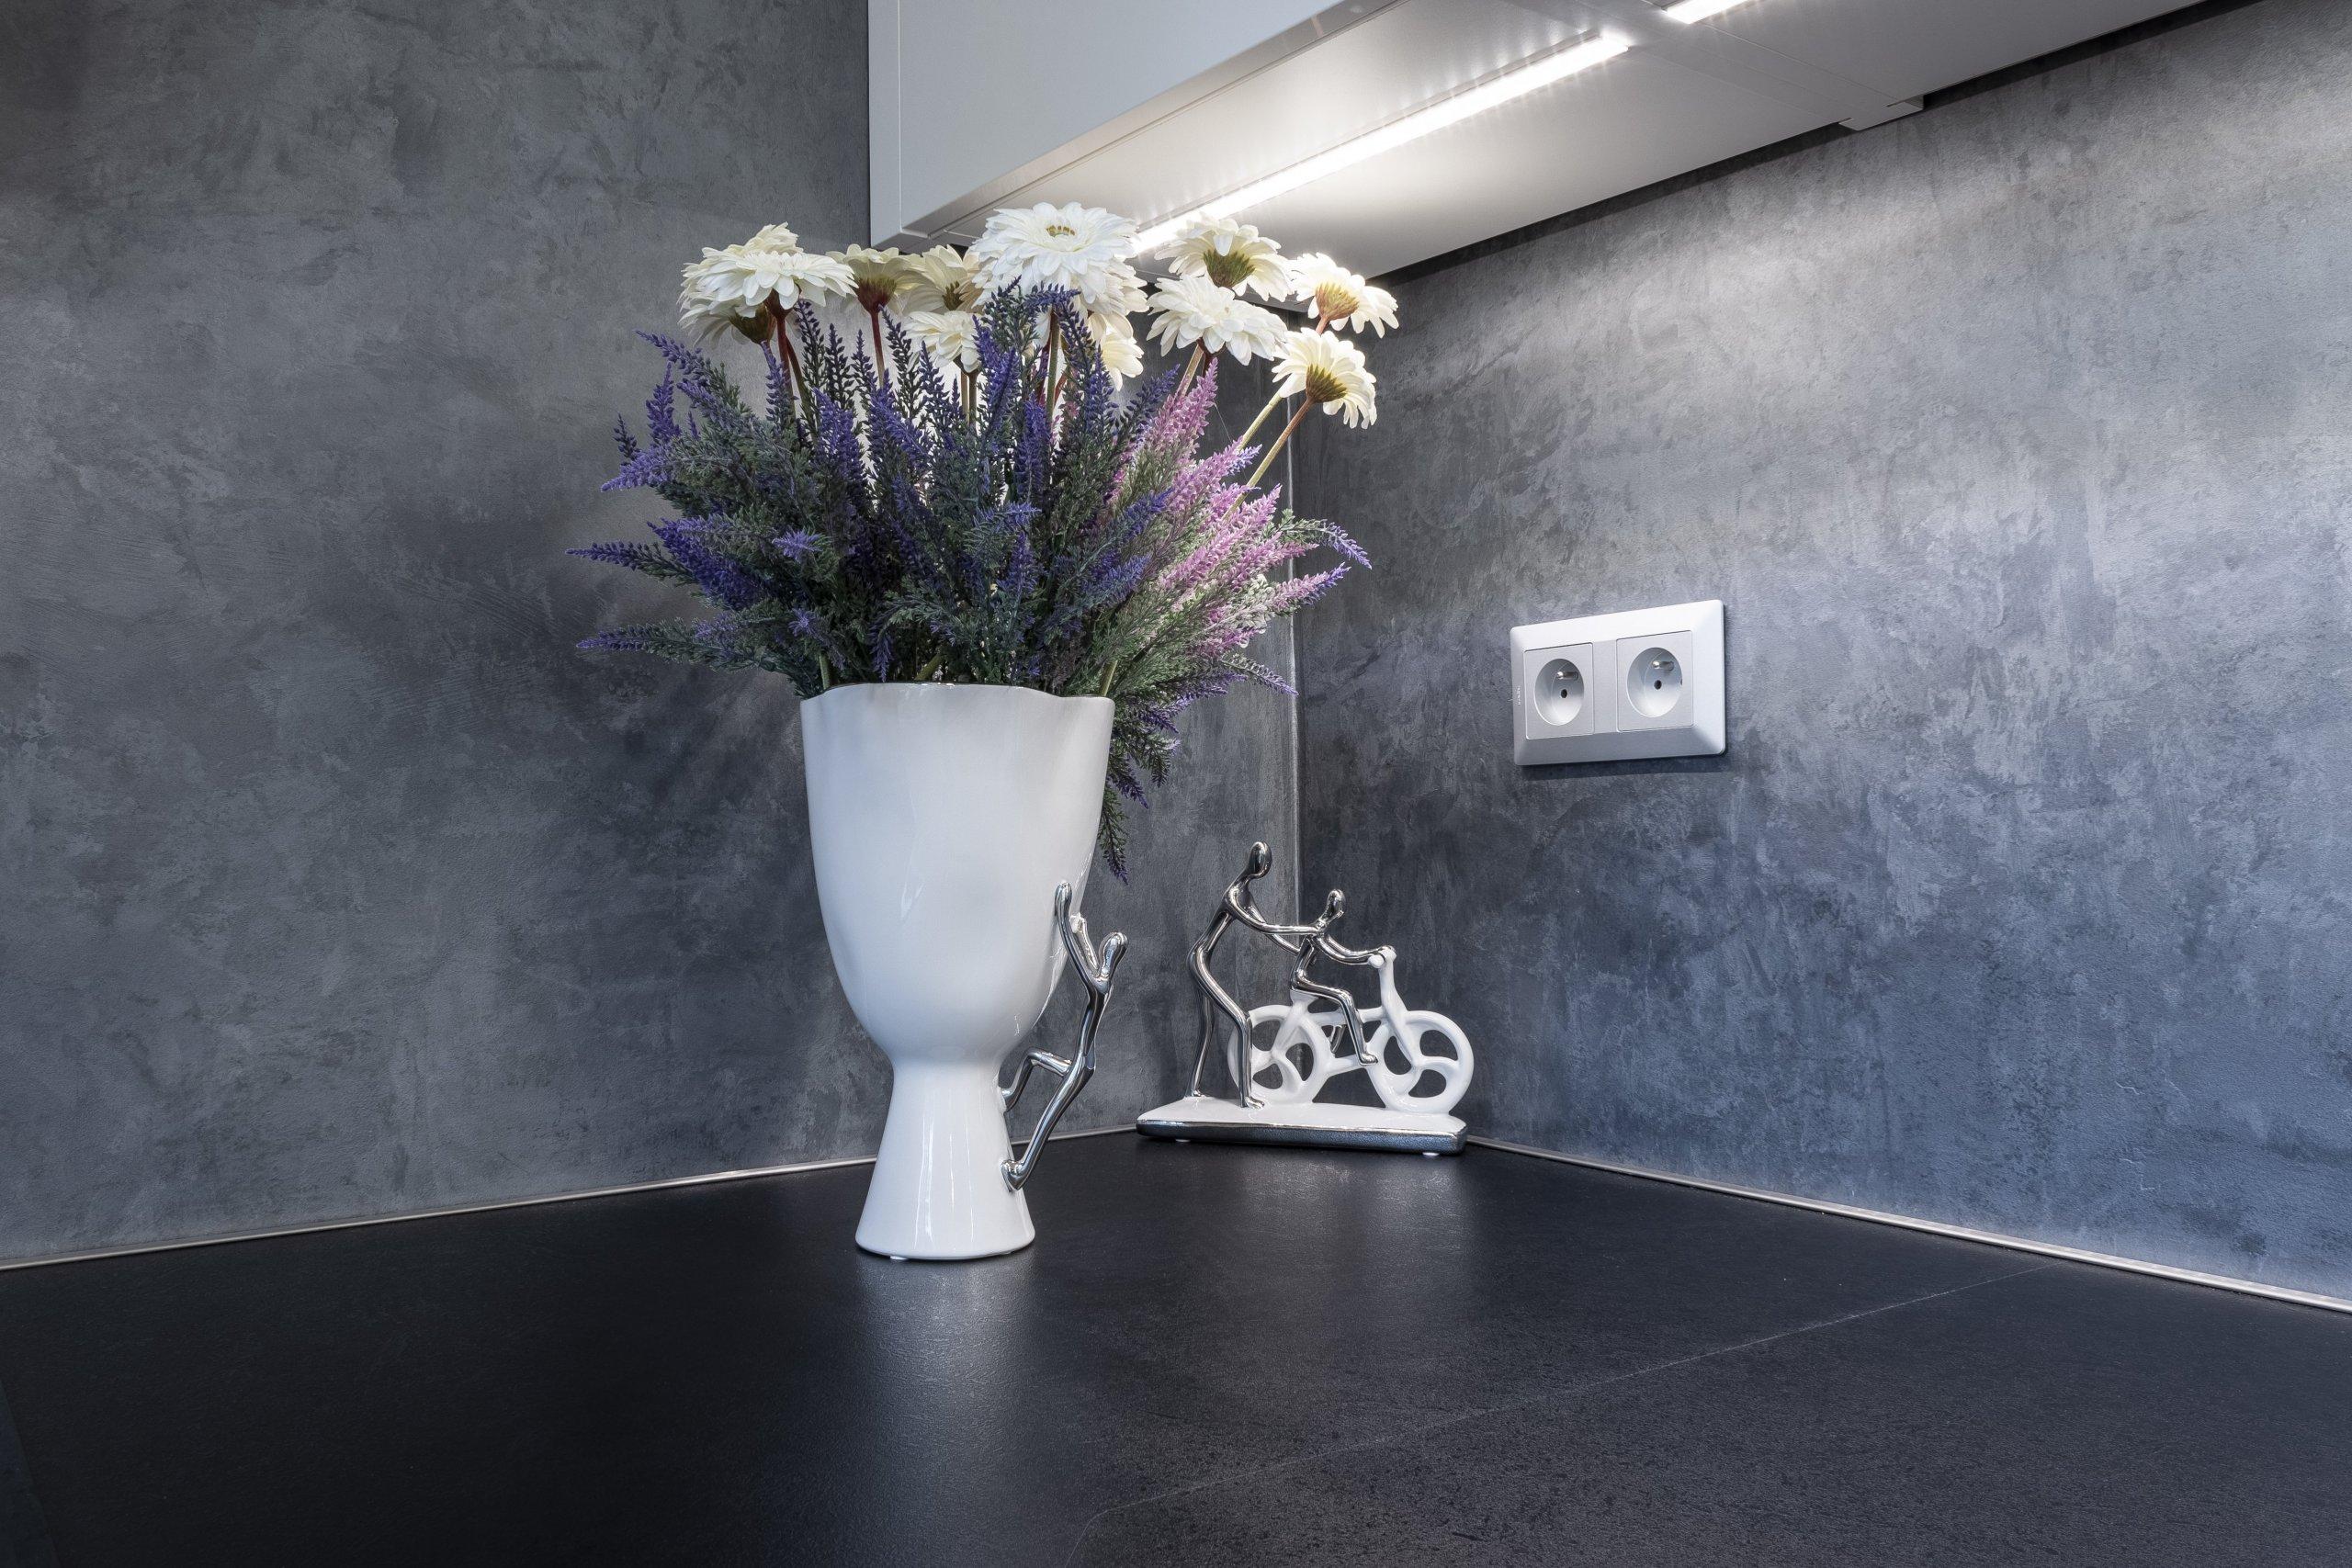 Navržený konceptcelého bytuvychází z přání klientky Katky. Preferuje jednoduchost, moderní styl, luxusní materiálya šedé odstíny. Kontrastní…